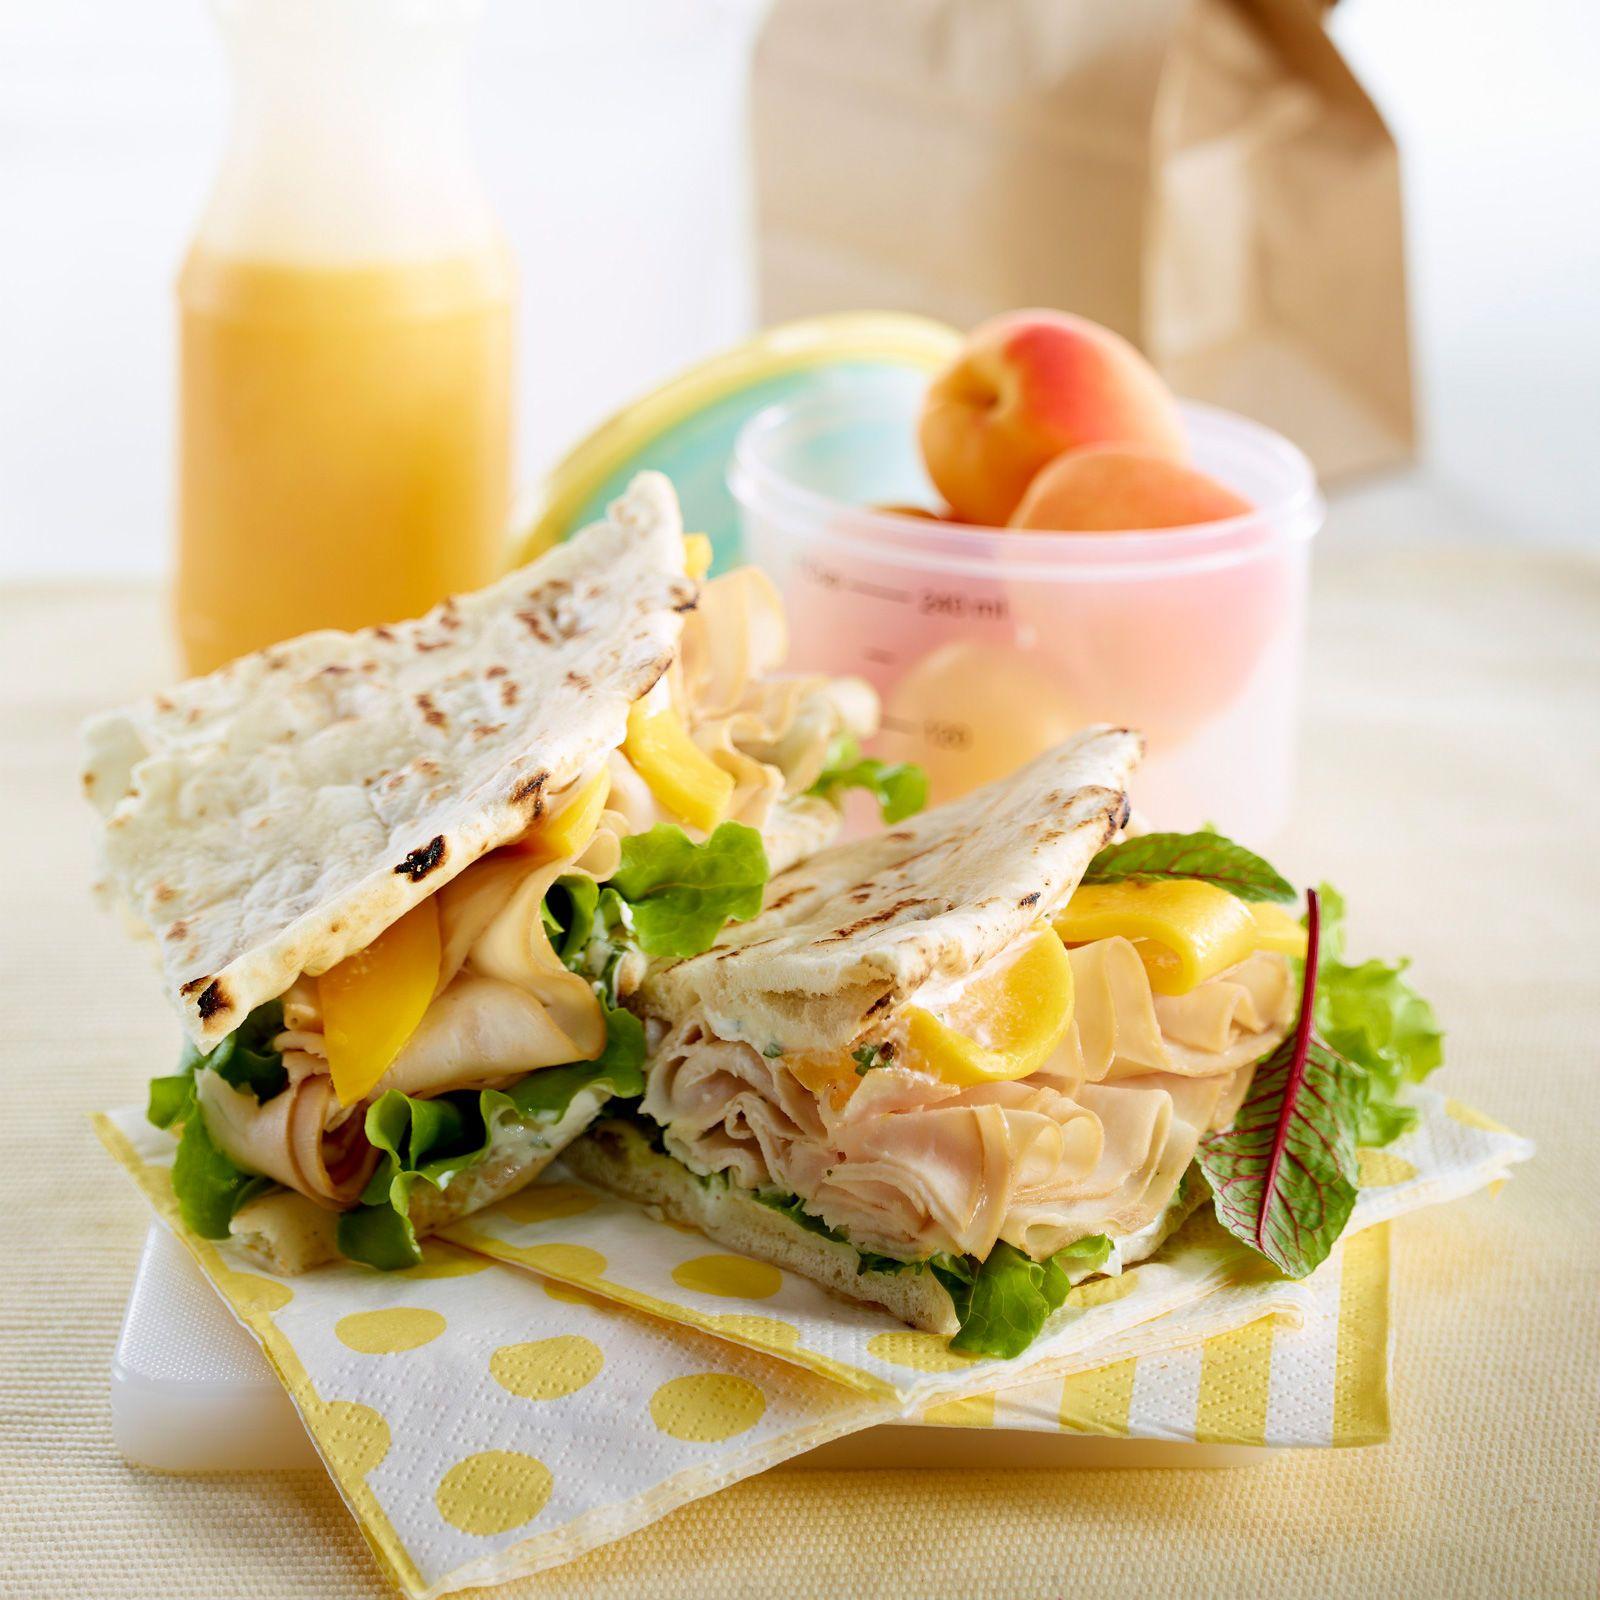 sandwich original de dinde mangue et feuilles de betterave recette cuisine fast food snacking. Black Bedroom Furniture Sets. Home Design Ideas